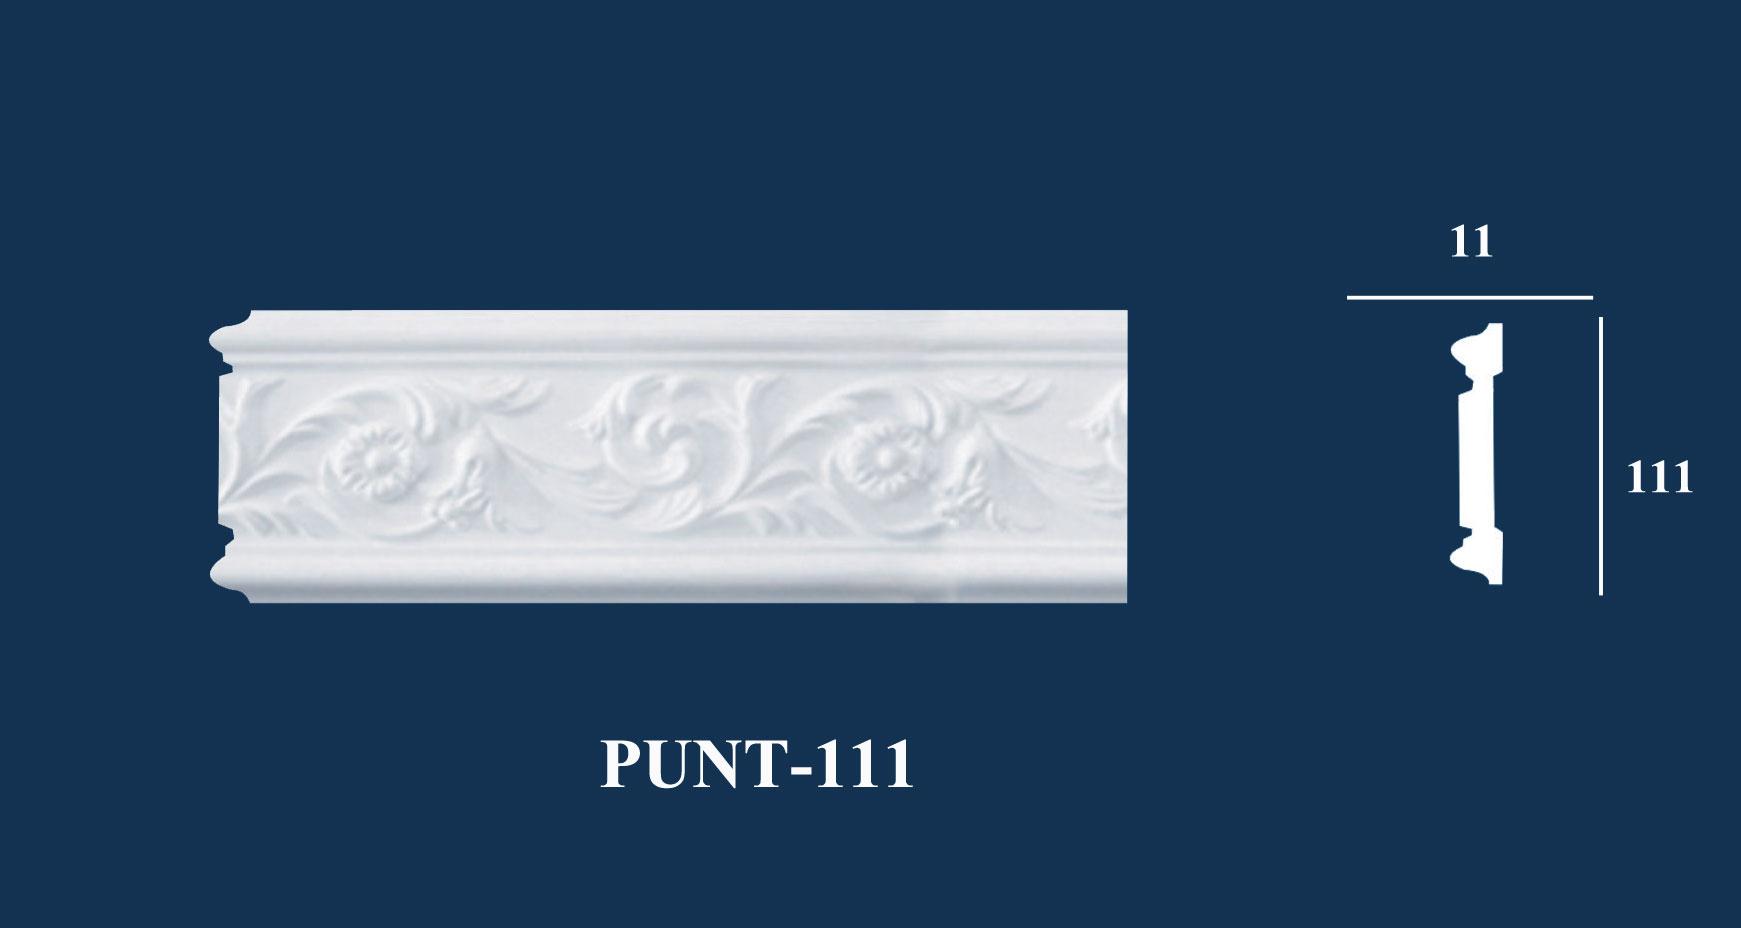 Chỉ Nẹp Hoa Văn Trang Trí - PUNT-111